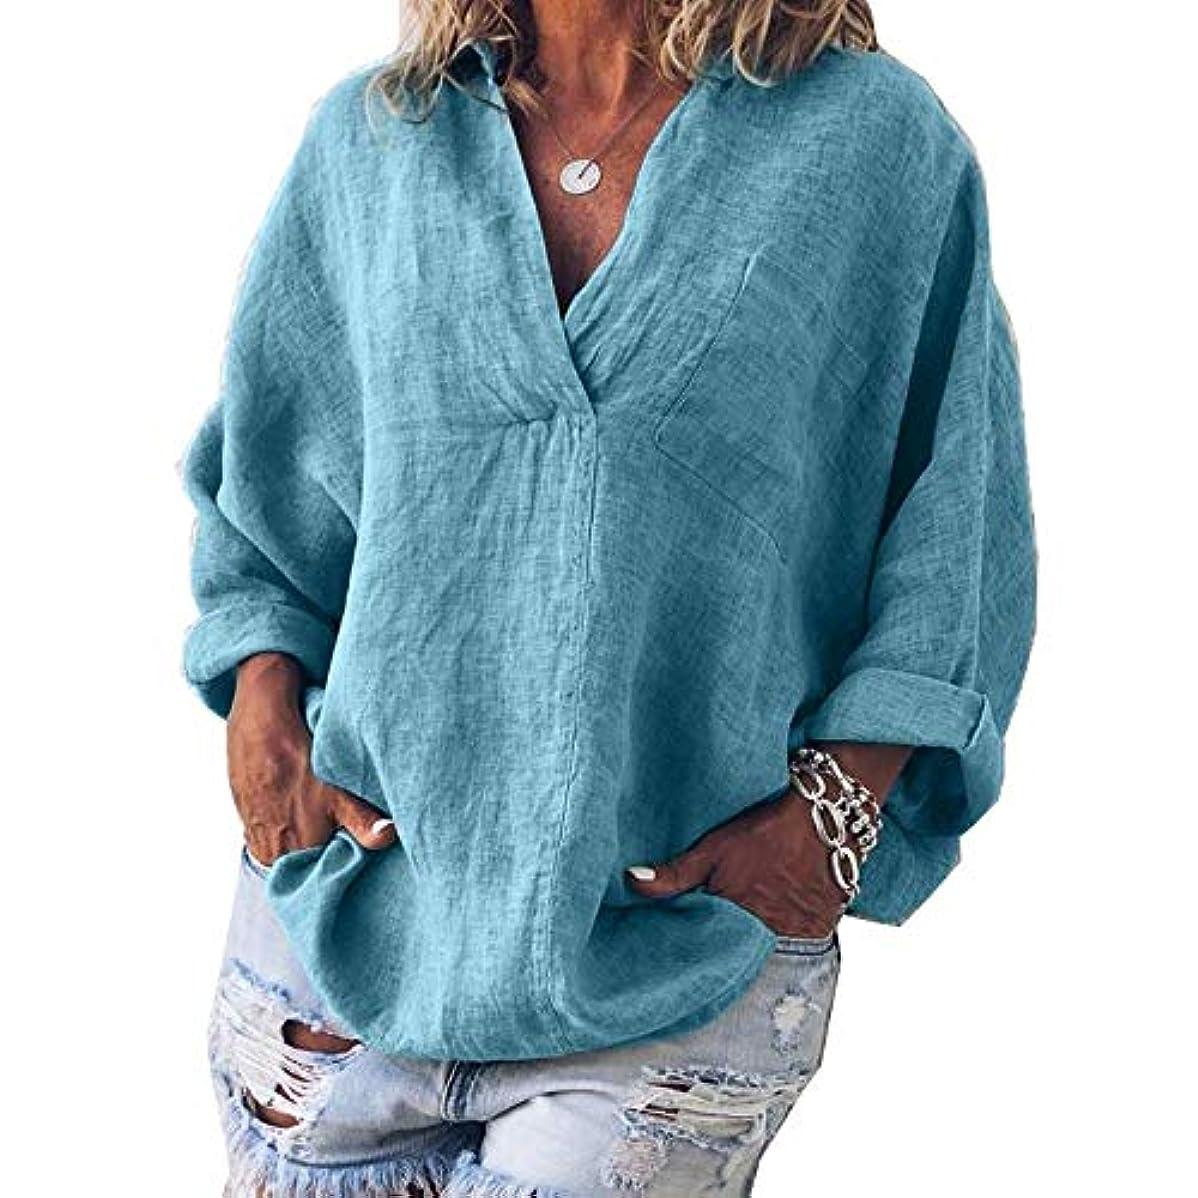 フラップ前置詞追記MIFAN女性ファッション春夏チュニックトップス深いVネックTシャツ長袖プルオーバールーズリネンブラウス